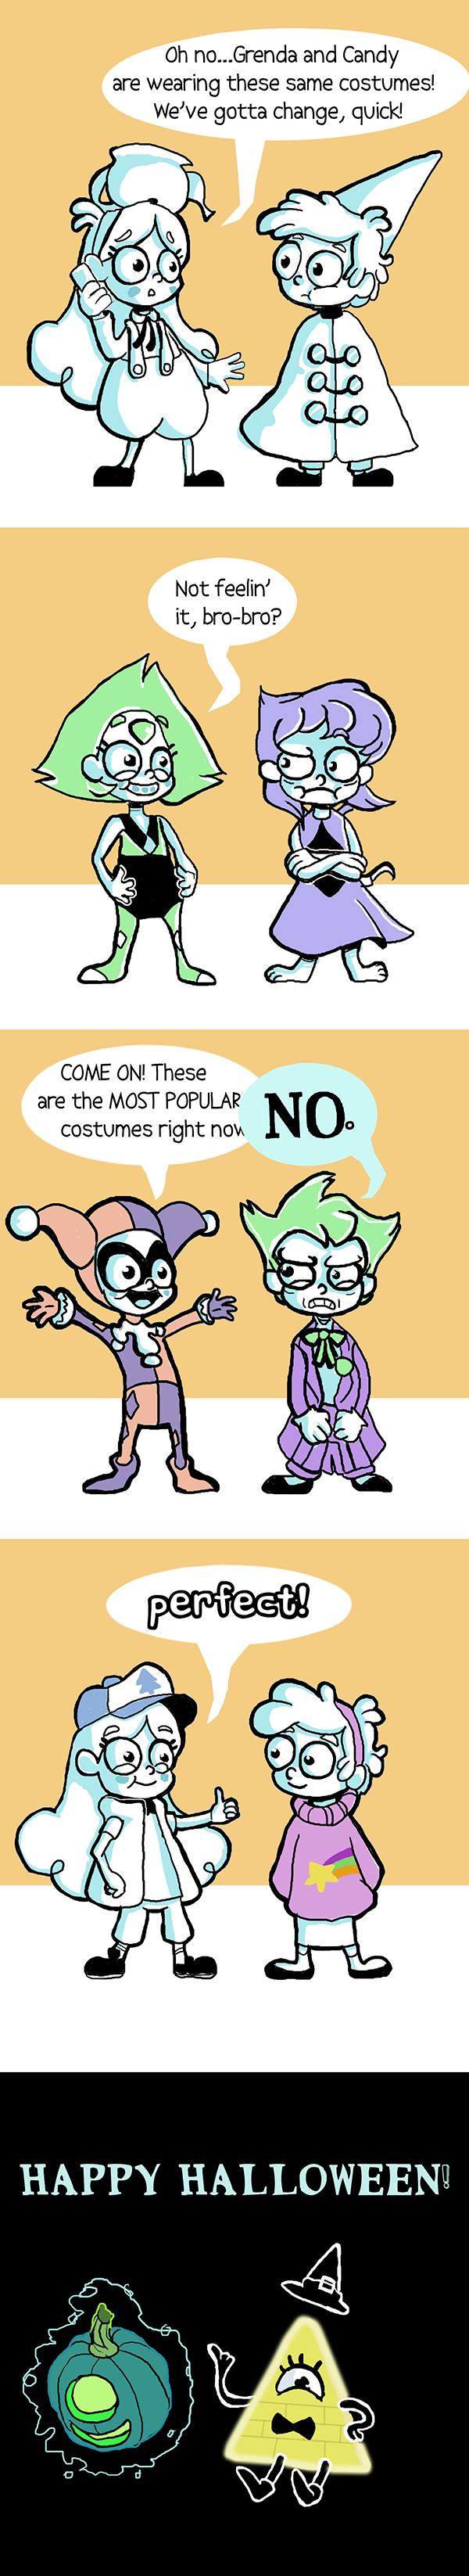 gravity falls halloween 2016: costume dilemmathinston on deviantart